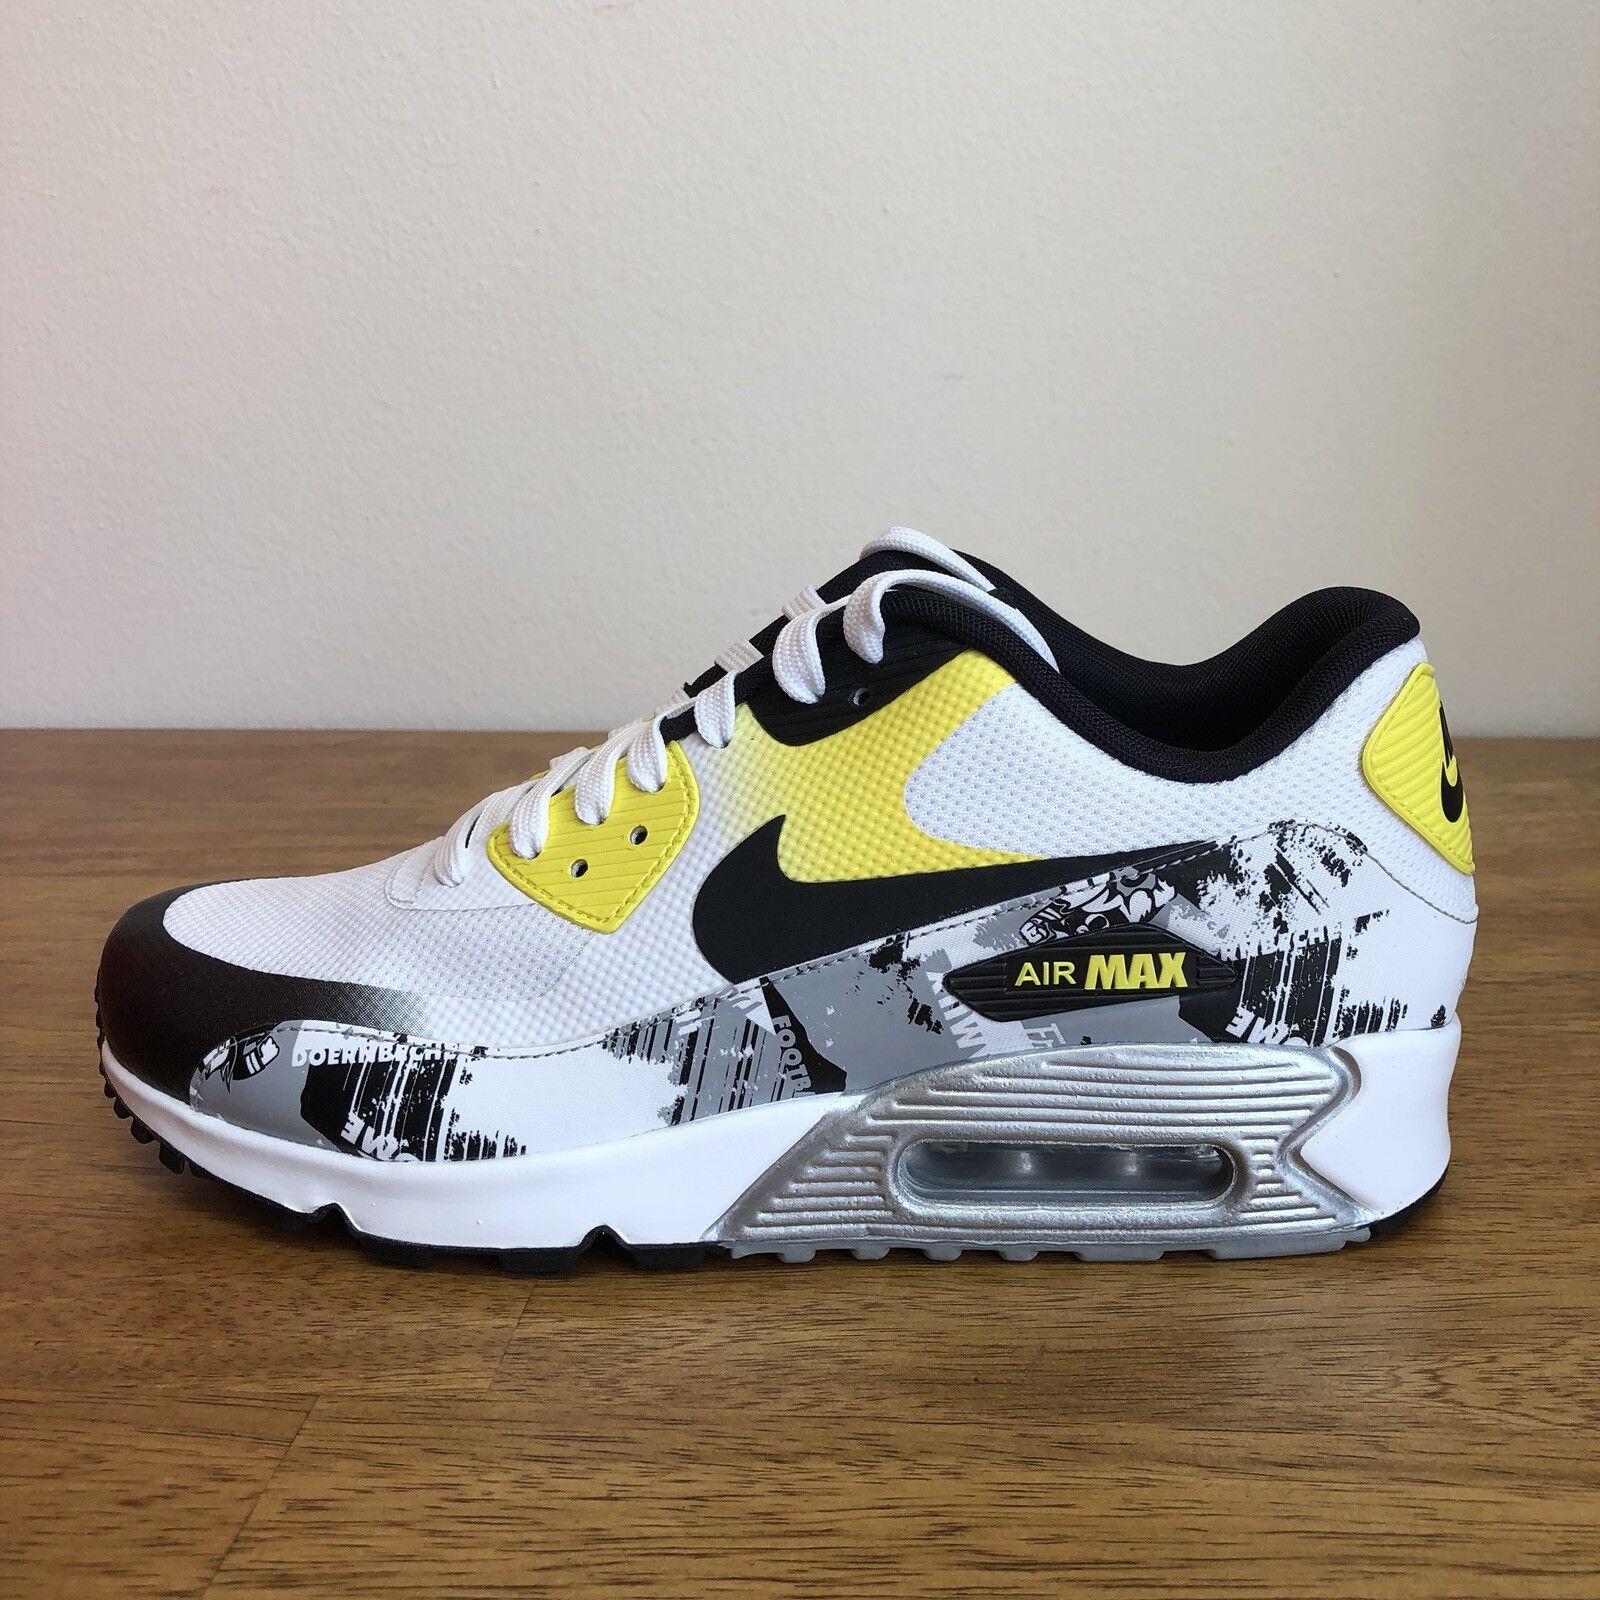 Nike air 90 max 90 air db frauen prm premium doernbecher sz 9,5 = mens 8 (838767-100) ffa8f0